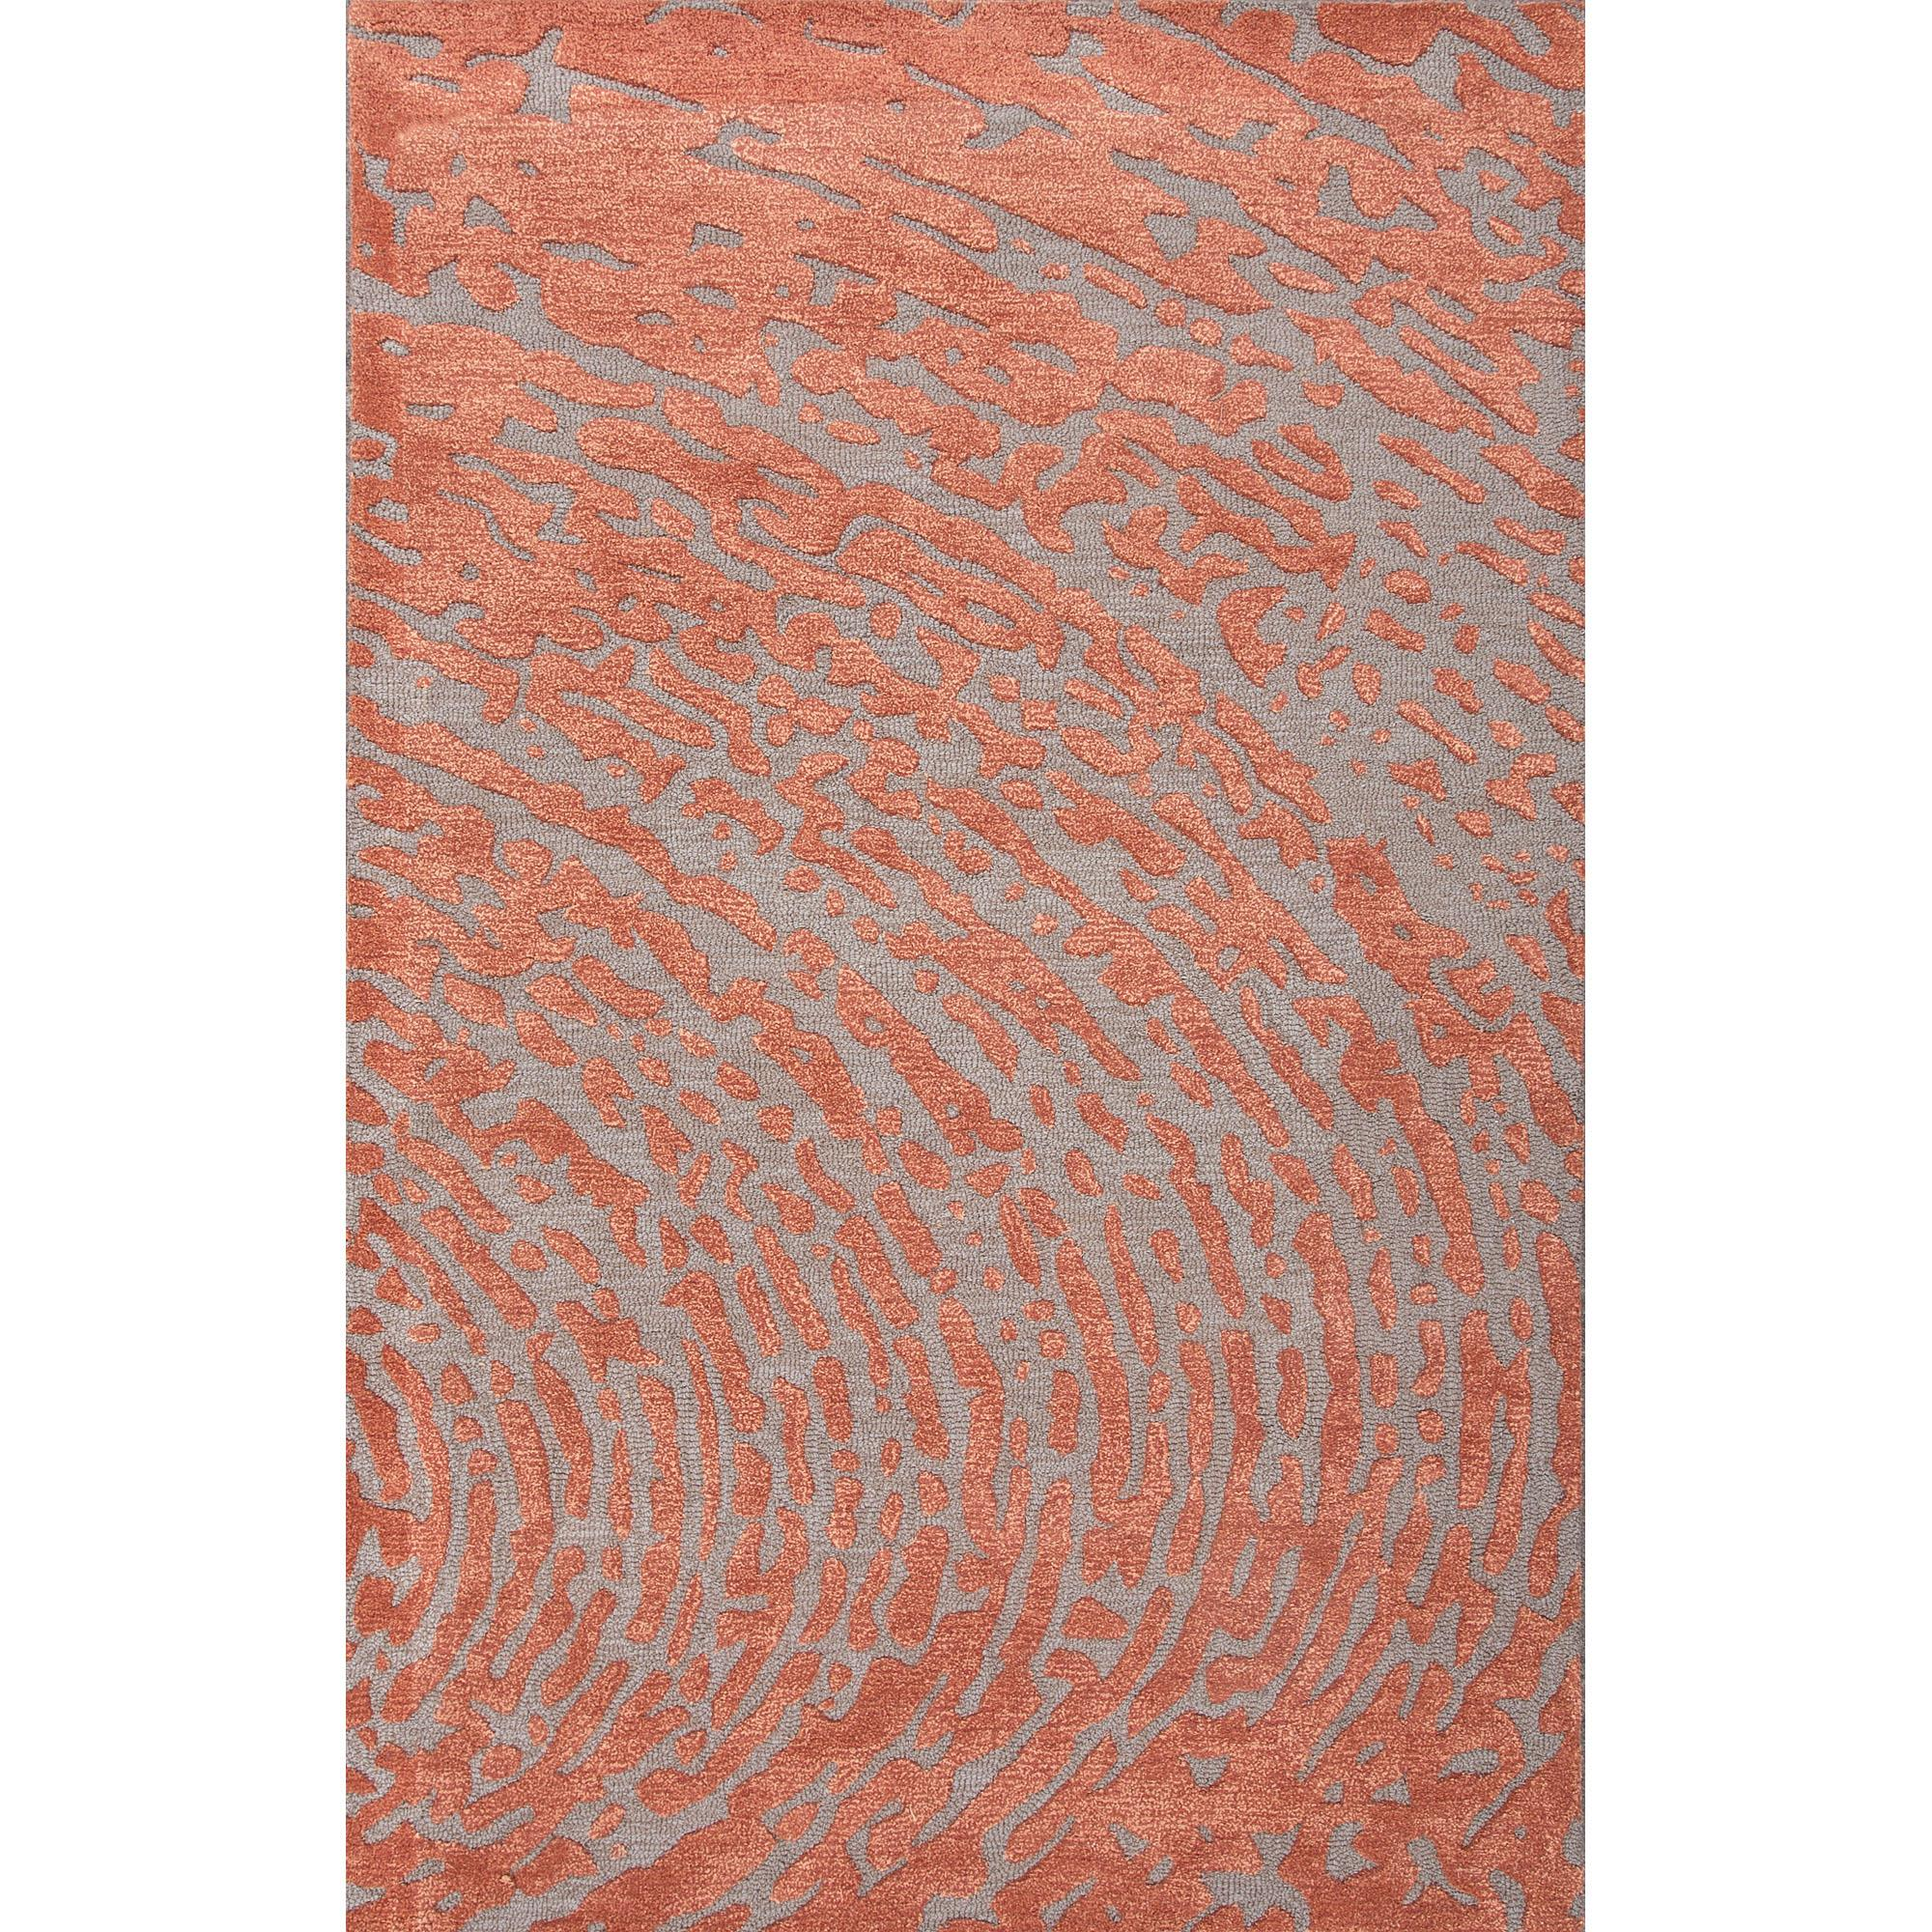 JAIPUR Rugs Clayton 9 x 12 Rug - Item Number: RUG113664